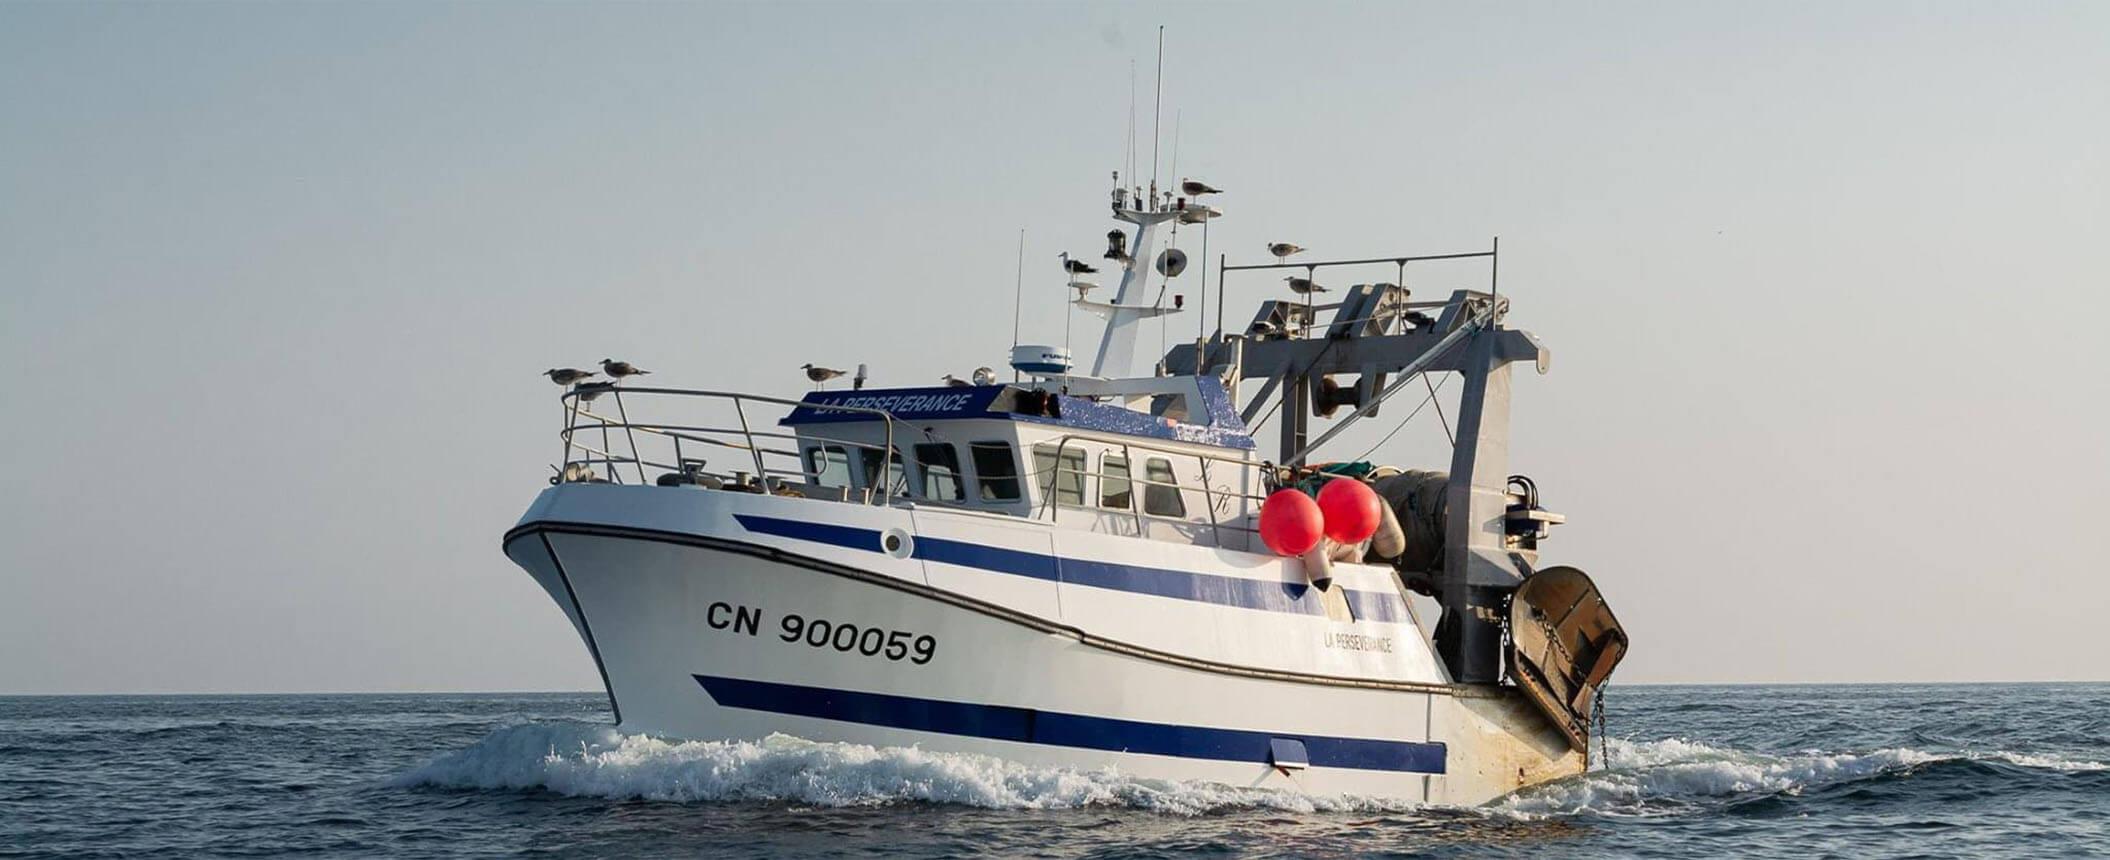 chalutier de peche-La Perseverance-bateau qui navigue dans la Manche et Calvados-vue de profil